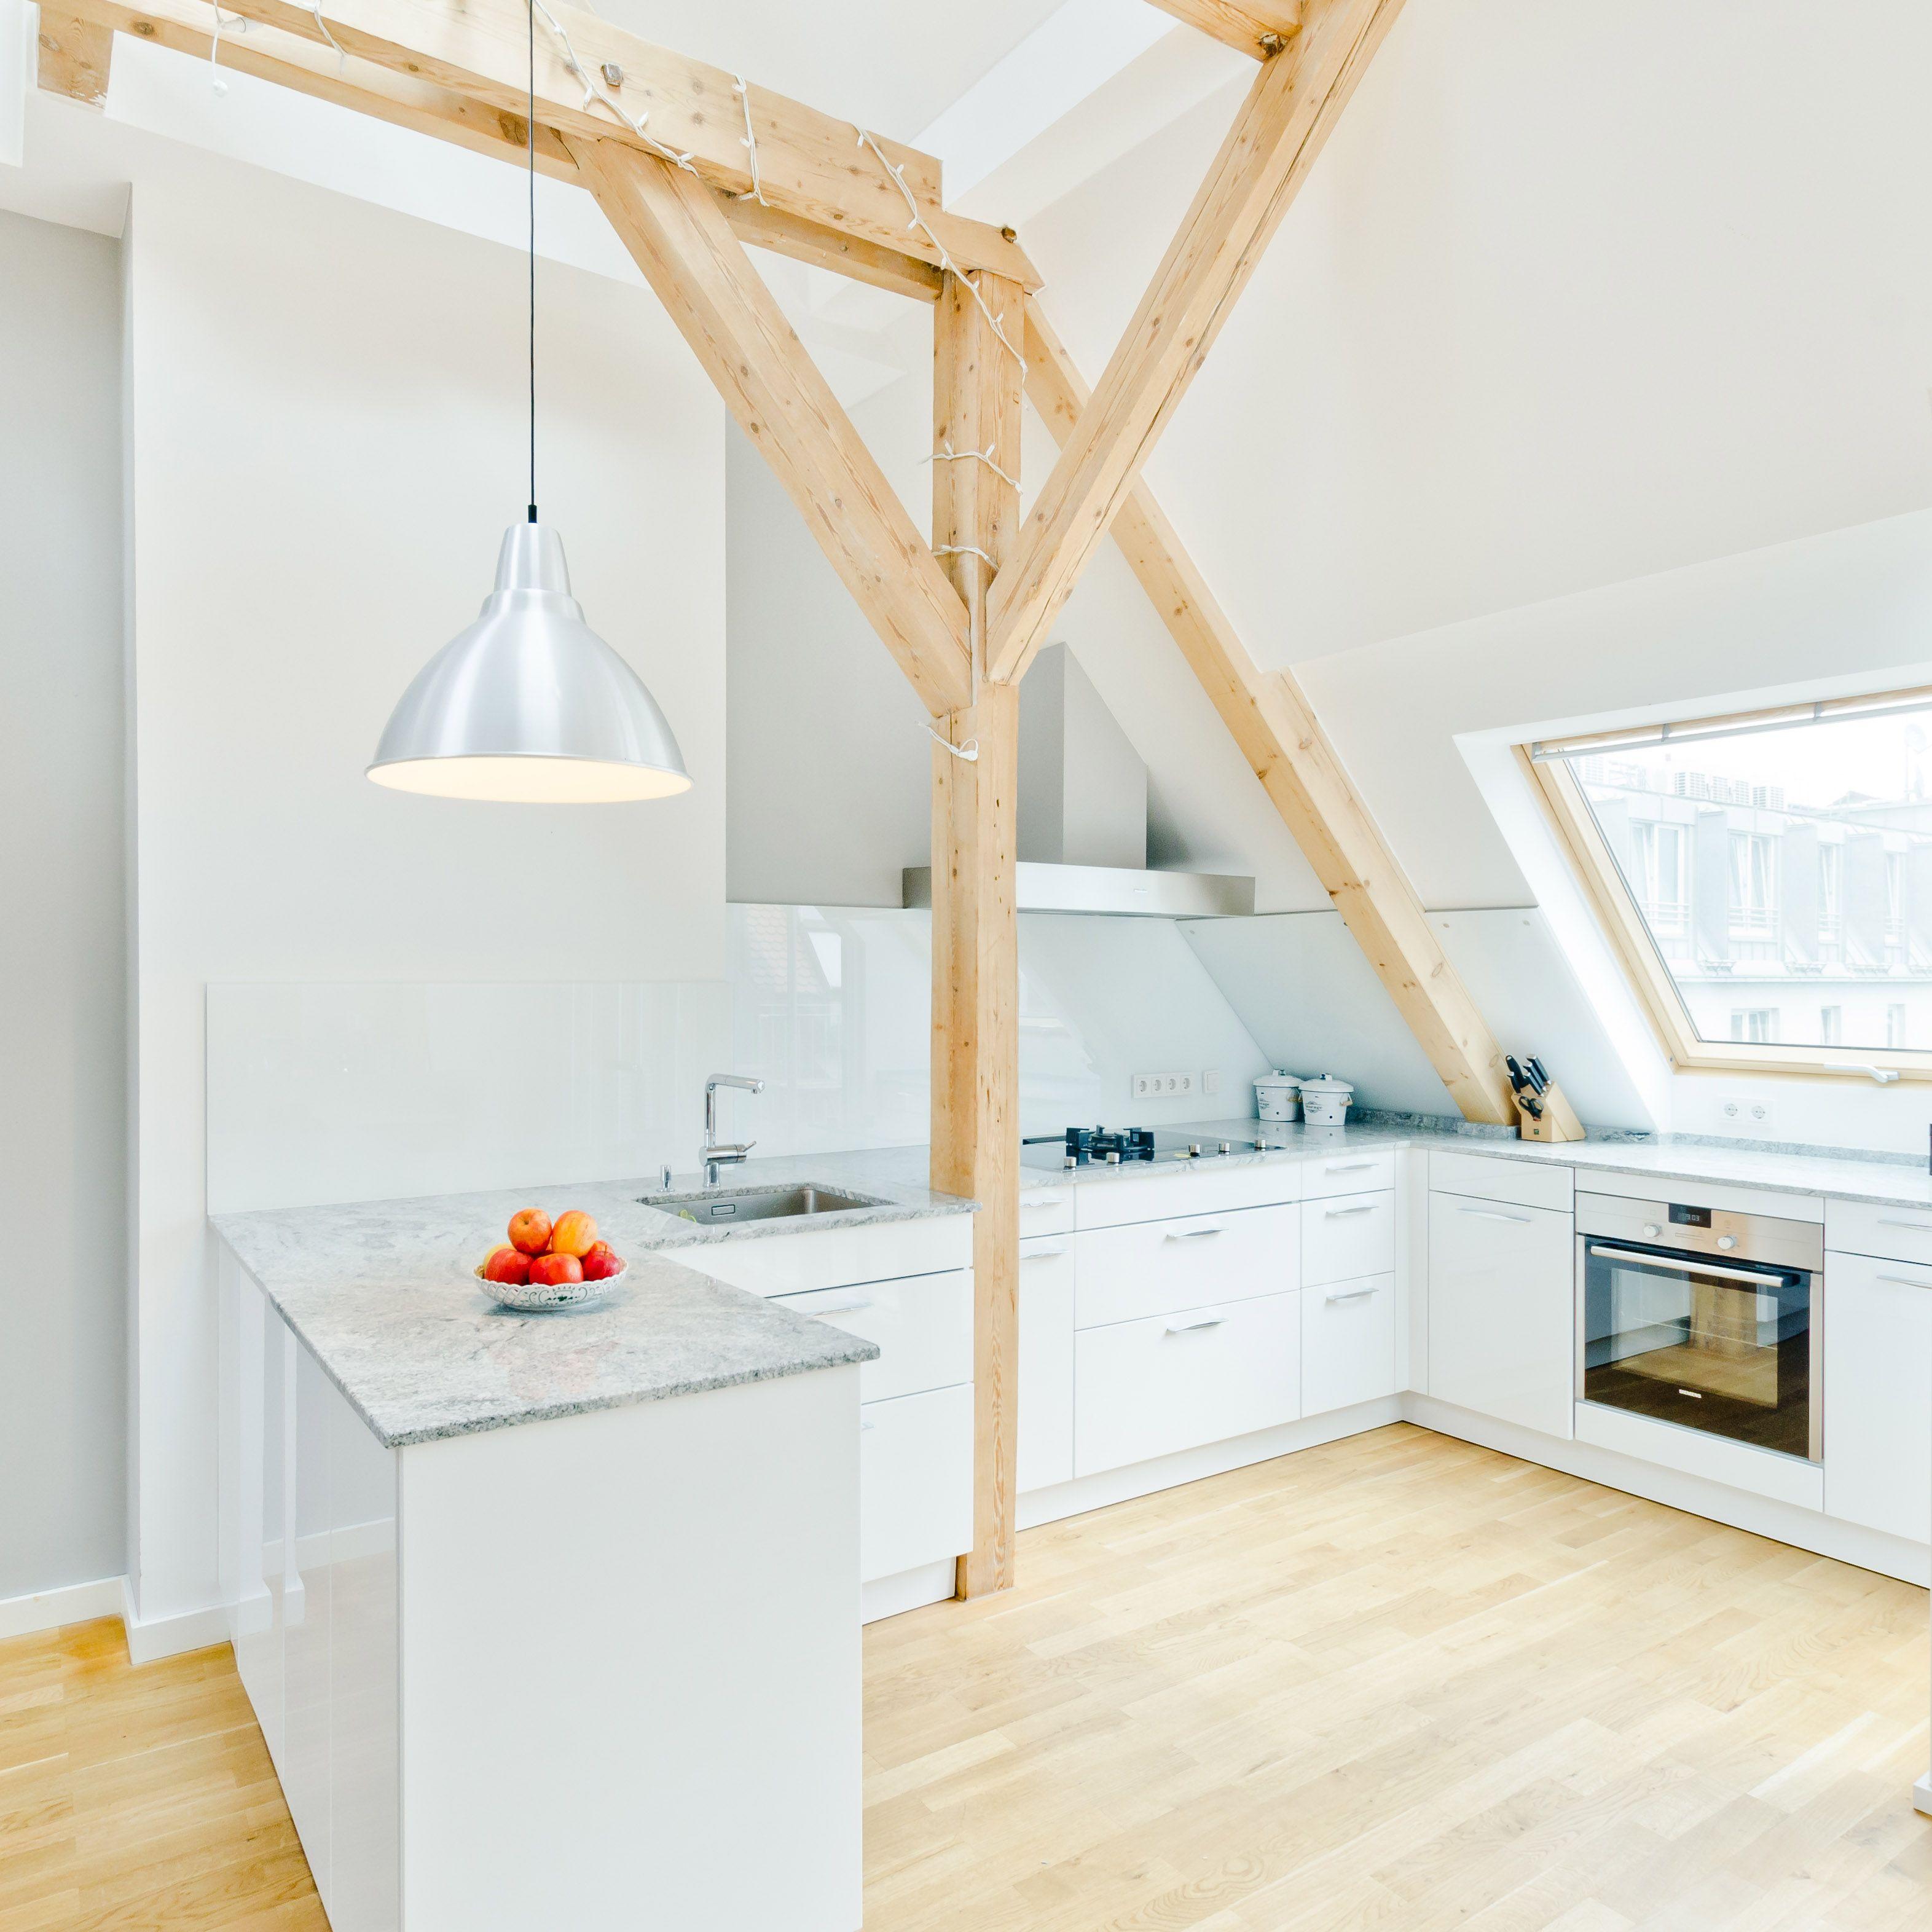 Offene Wohnkuche Mit Blick Ins Frei Weitere Tolle Objekte Wie Dieses Finden Sie Bei Uns Wohnkuche Offene Wohnkuche